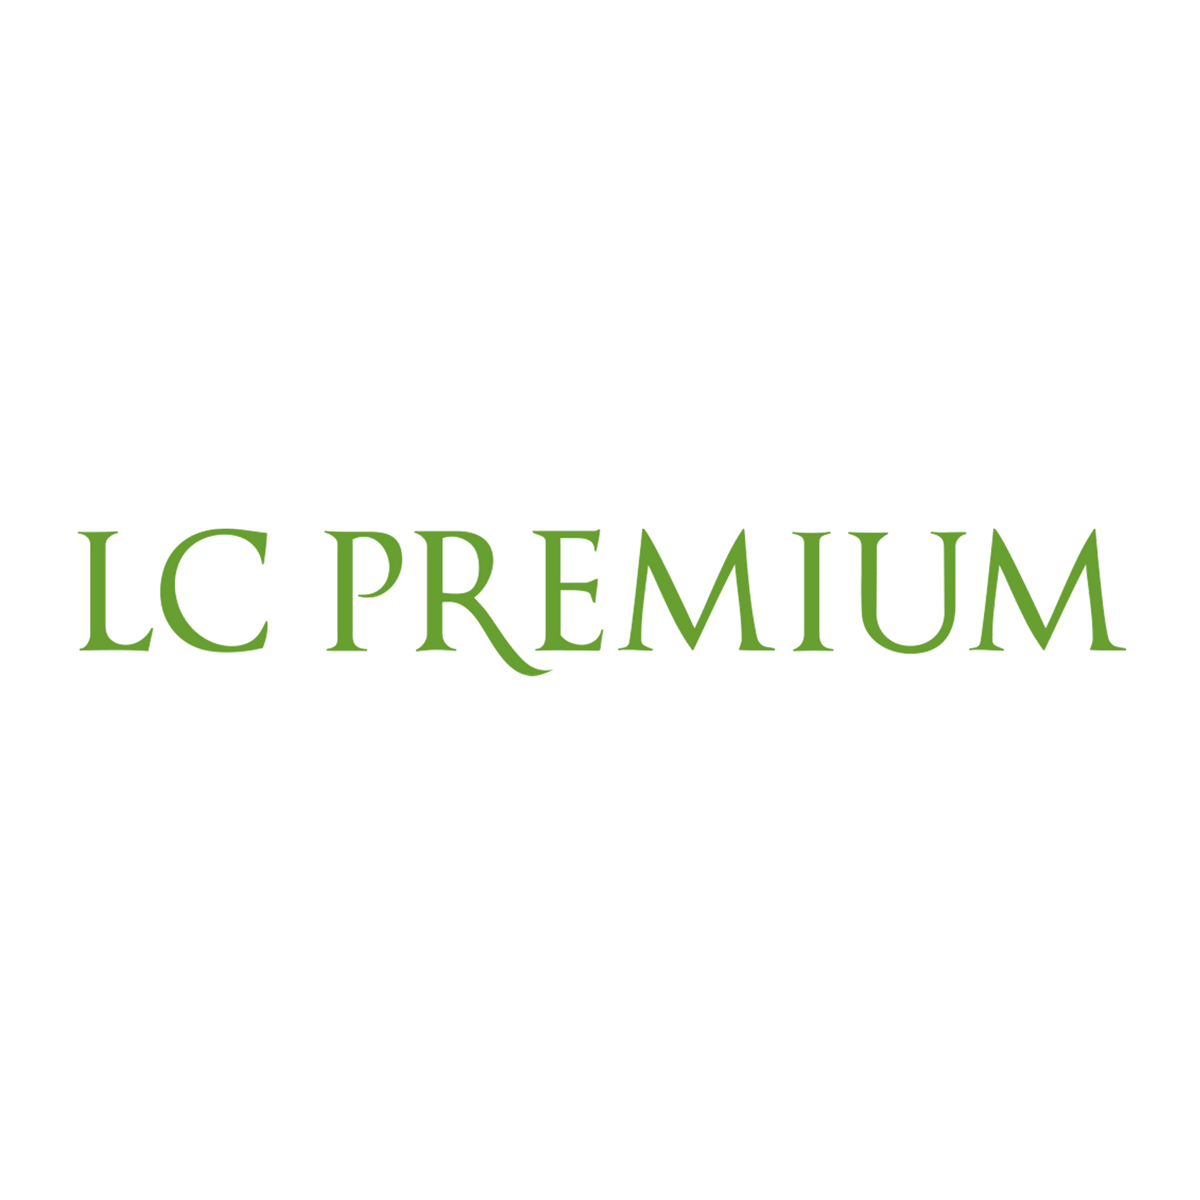 LC Premium